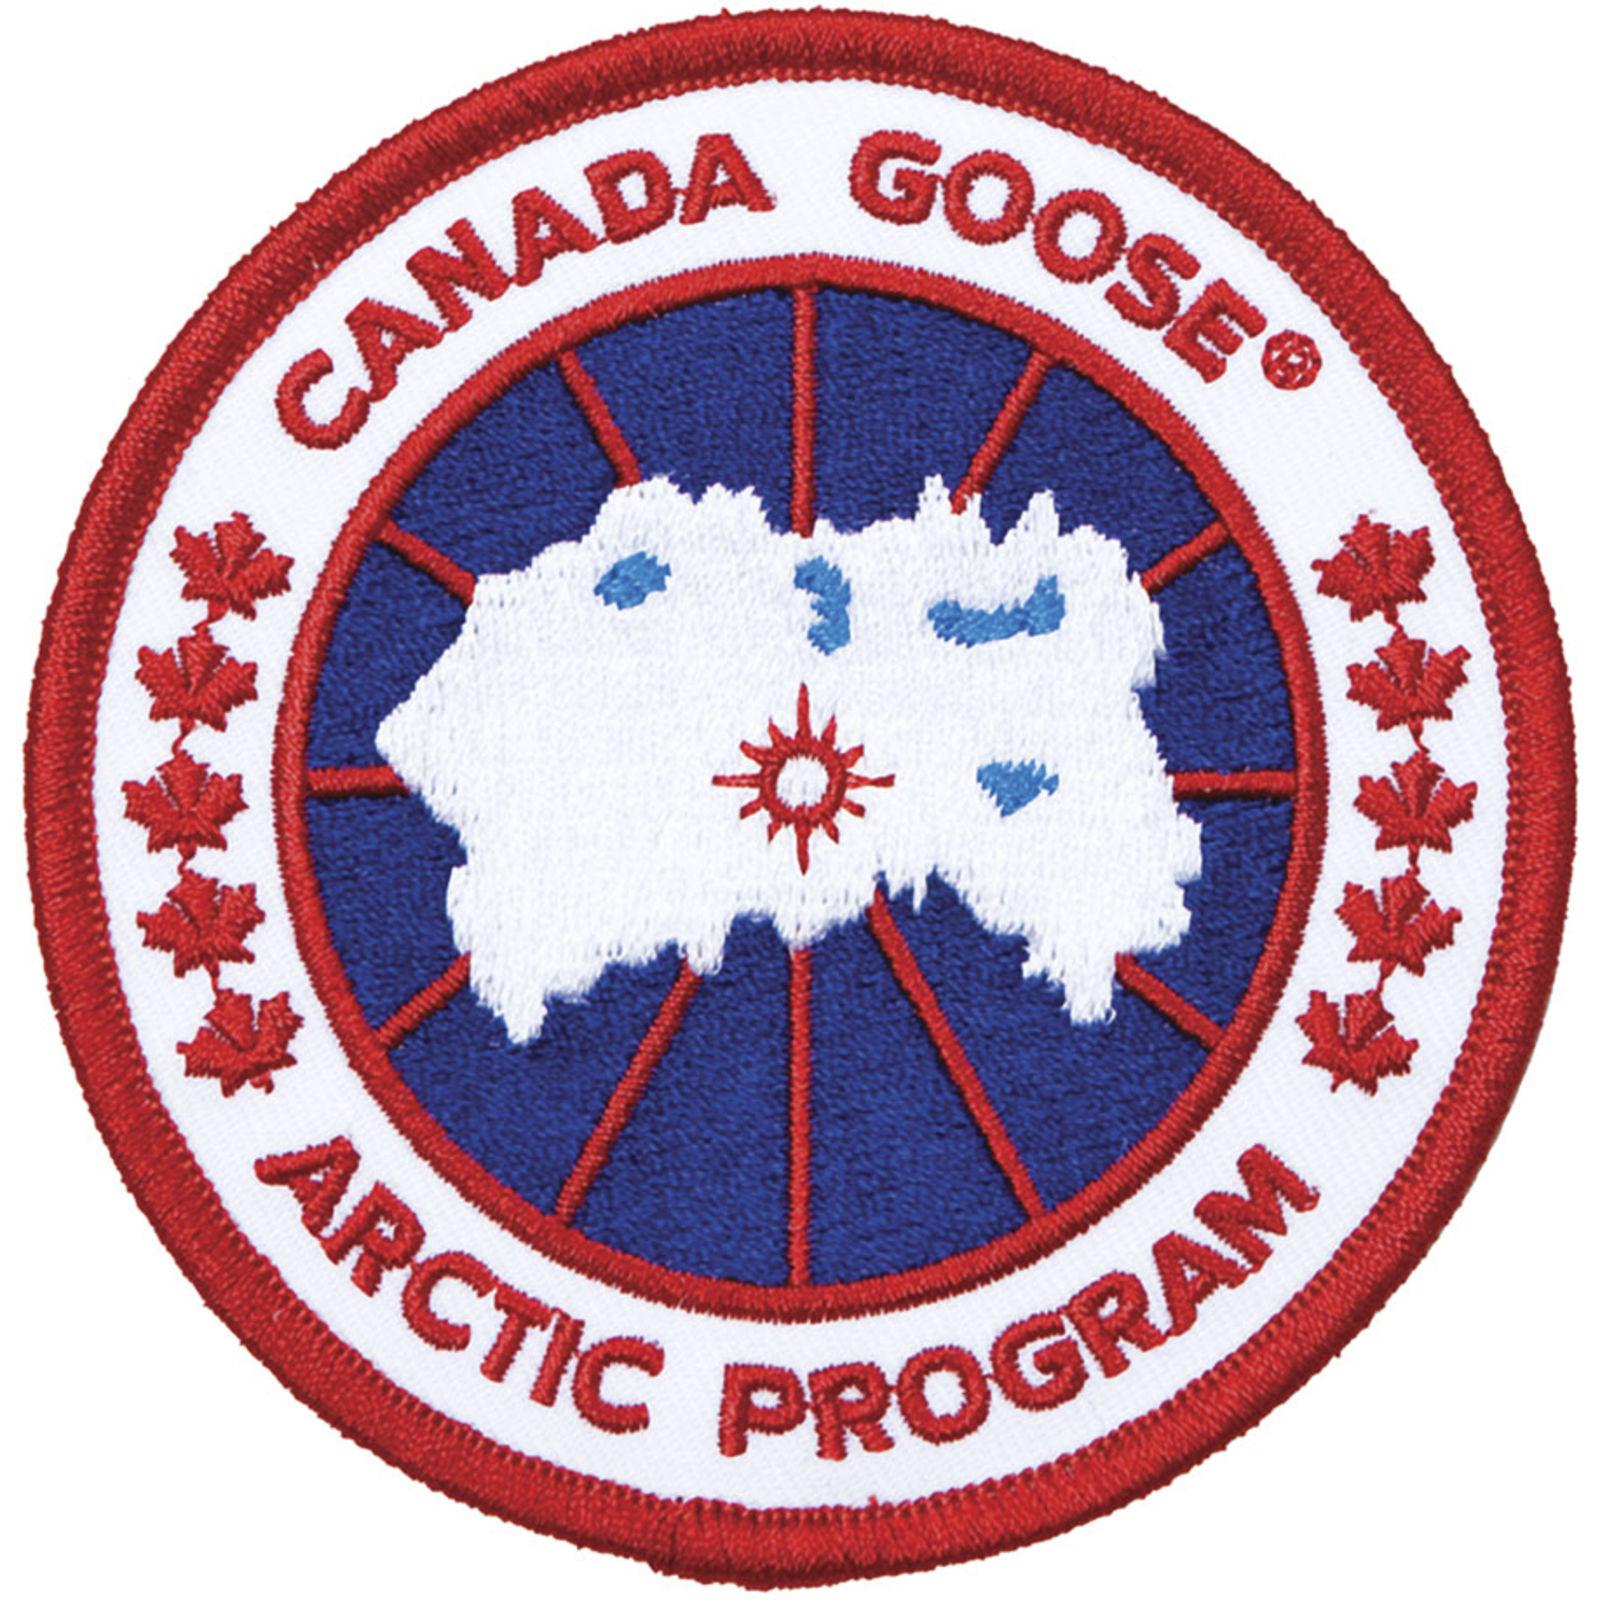 CANADA GOOSE (Image 1)